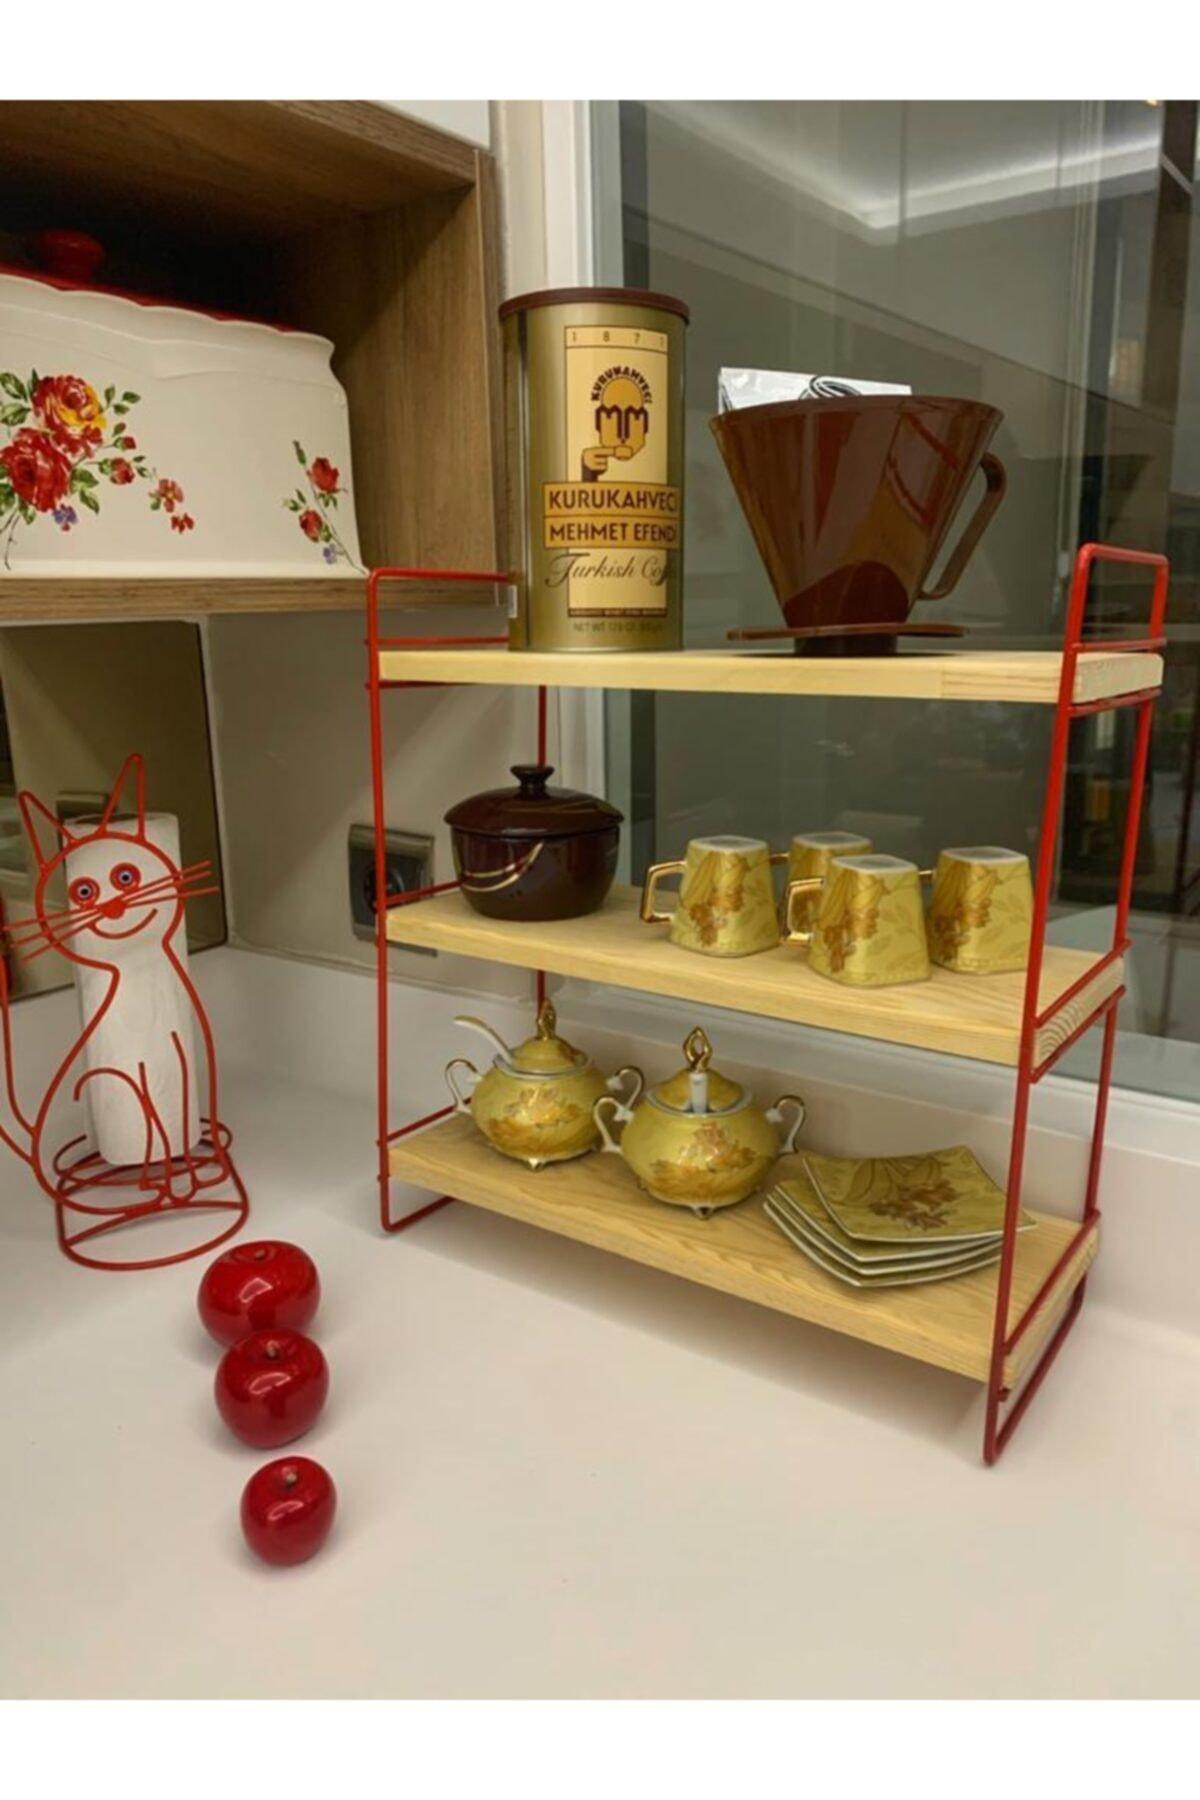 MSAĞWOODS Ahşap-metal-mutfak Organizeri-baharatlık-banyo Düzenleyici-makyaj Malzemesi Raf-hediyelik Eşya-sunum 2